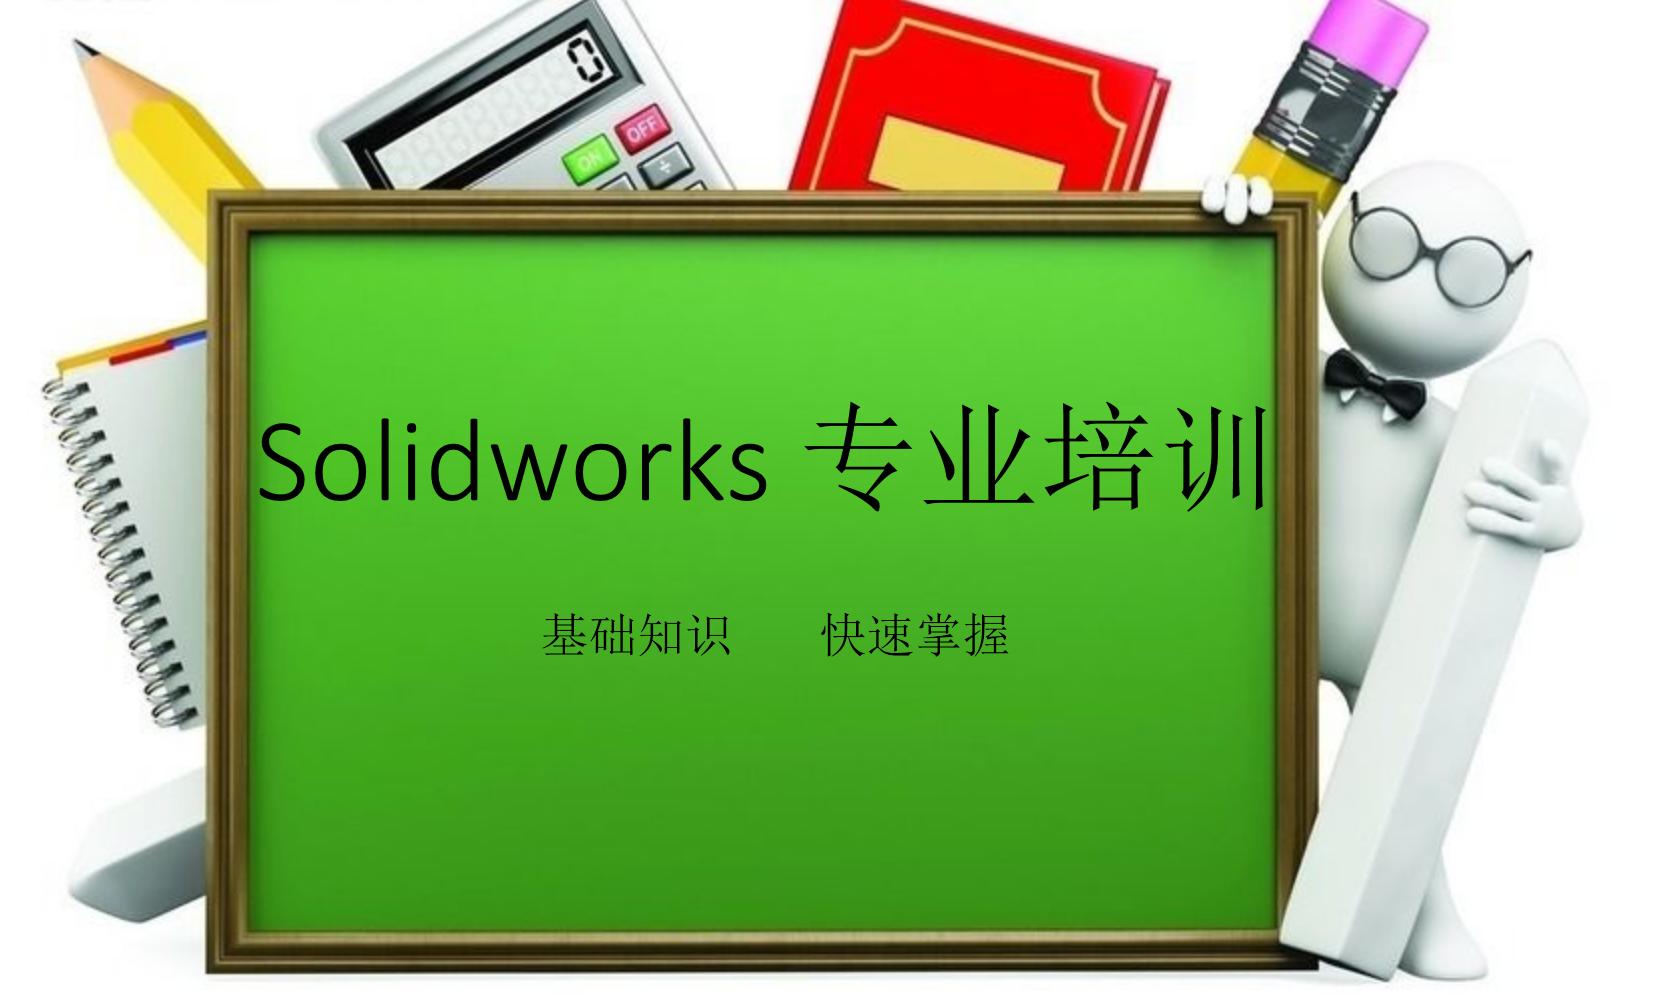 solidworks基础培训